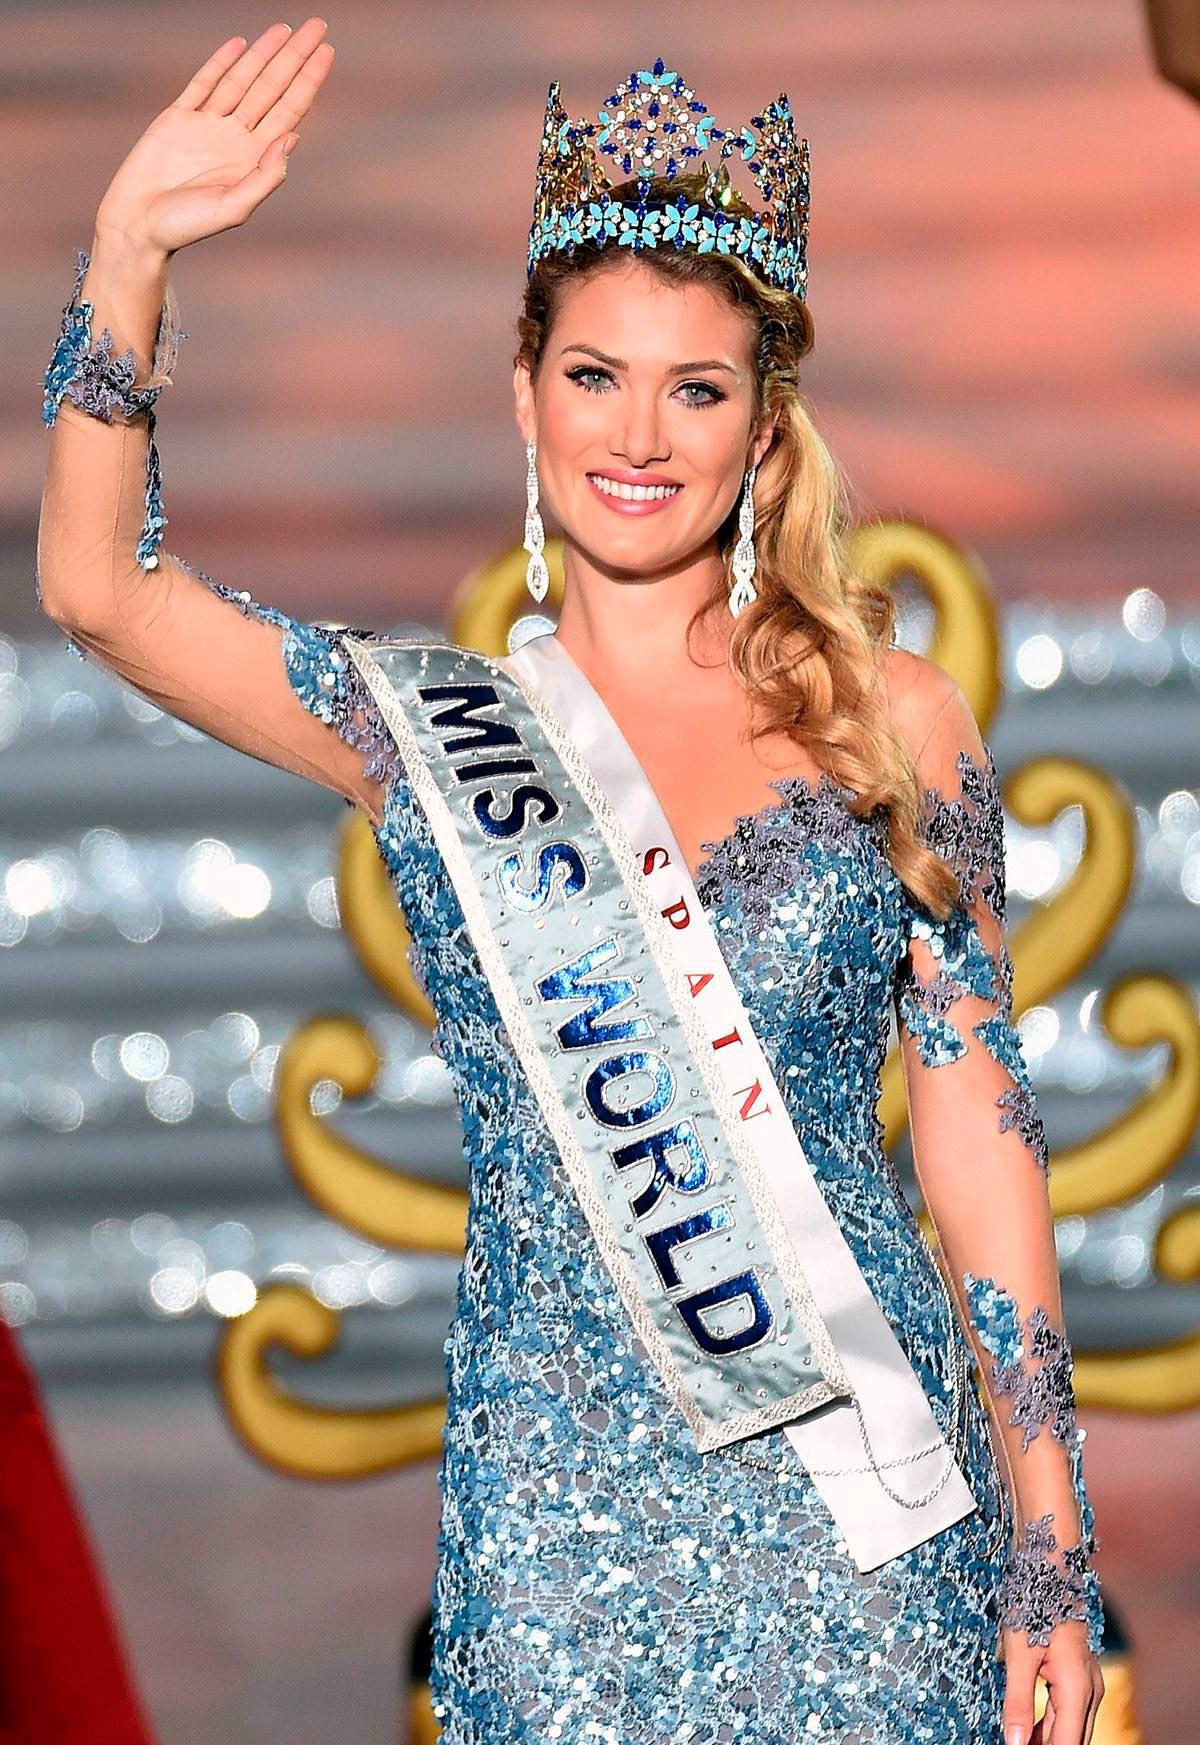 Фото | Мисс Мира 2015 года Мирея Лалагуна